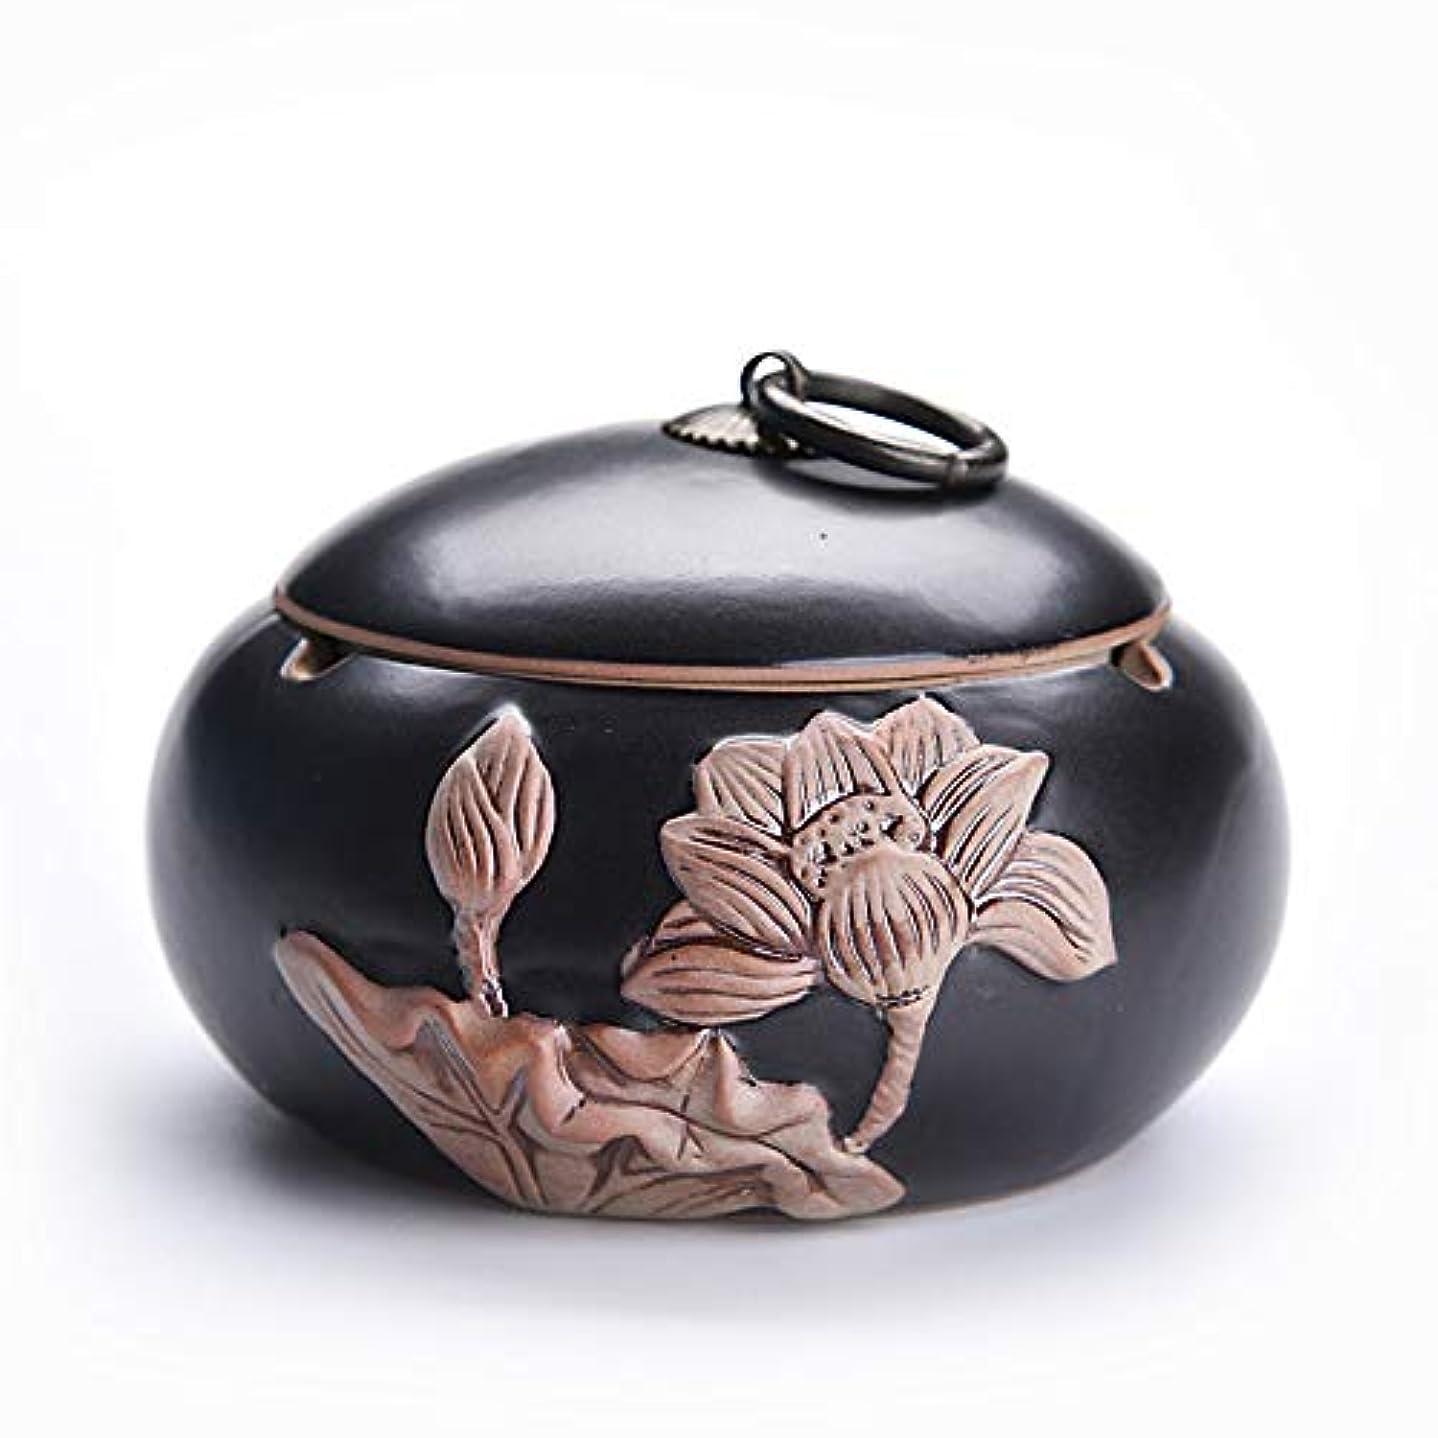 魚転送駅中国のレトロな創造的な鍋形セラミック灰皿ふた付き